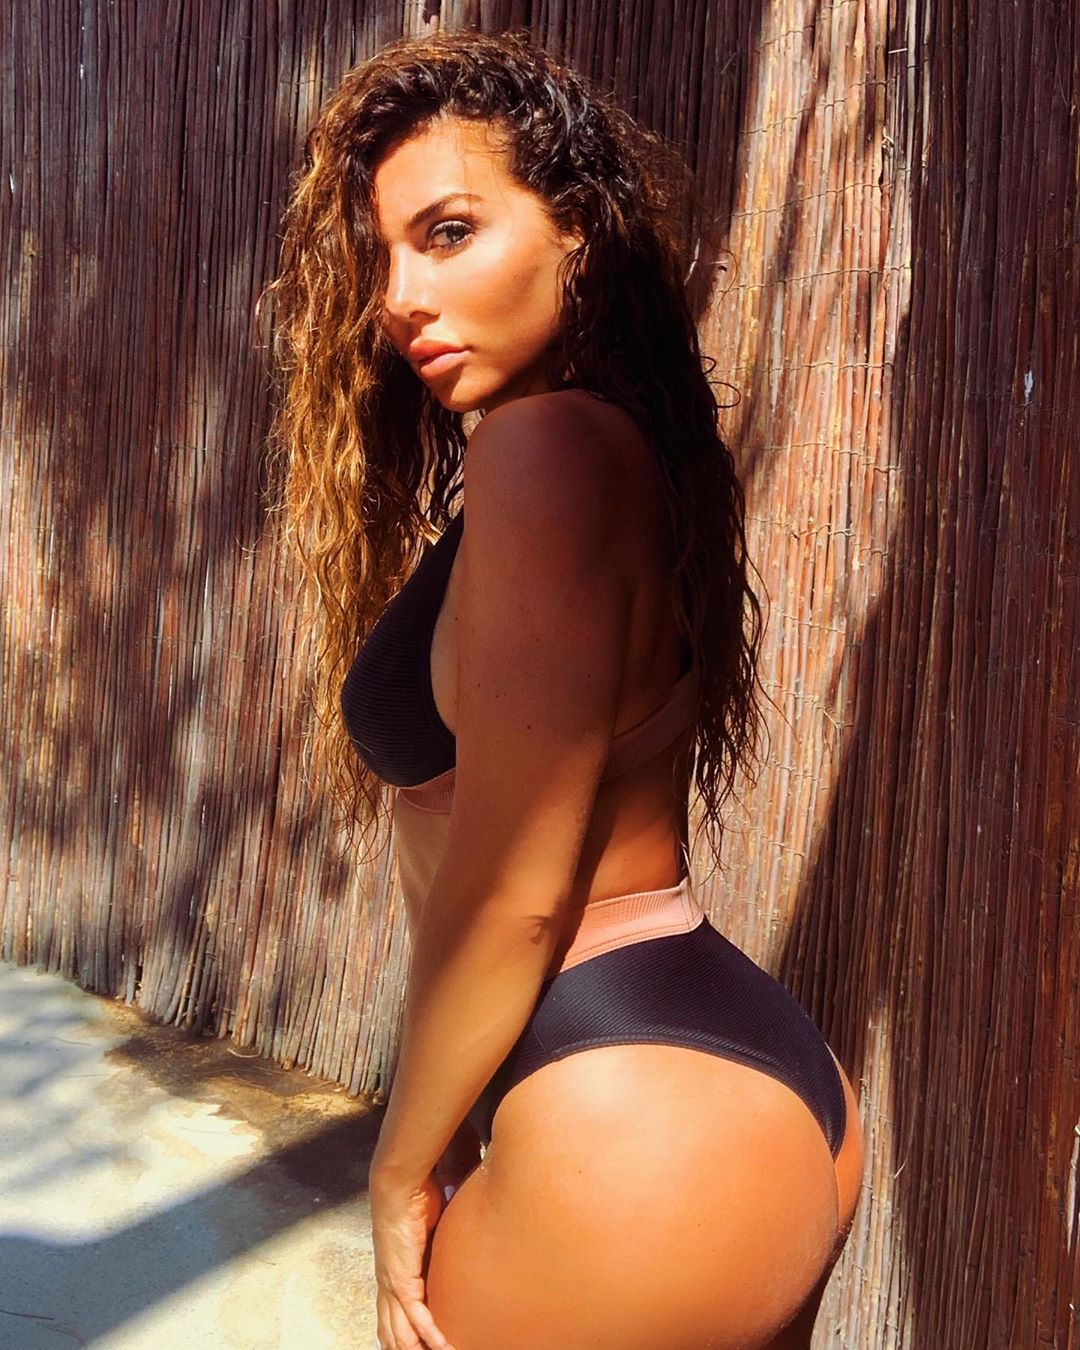 Вот это формы! Анна Седокова засыпала сеть жаркими фото в купальнике